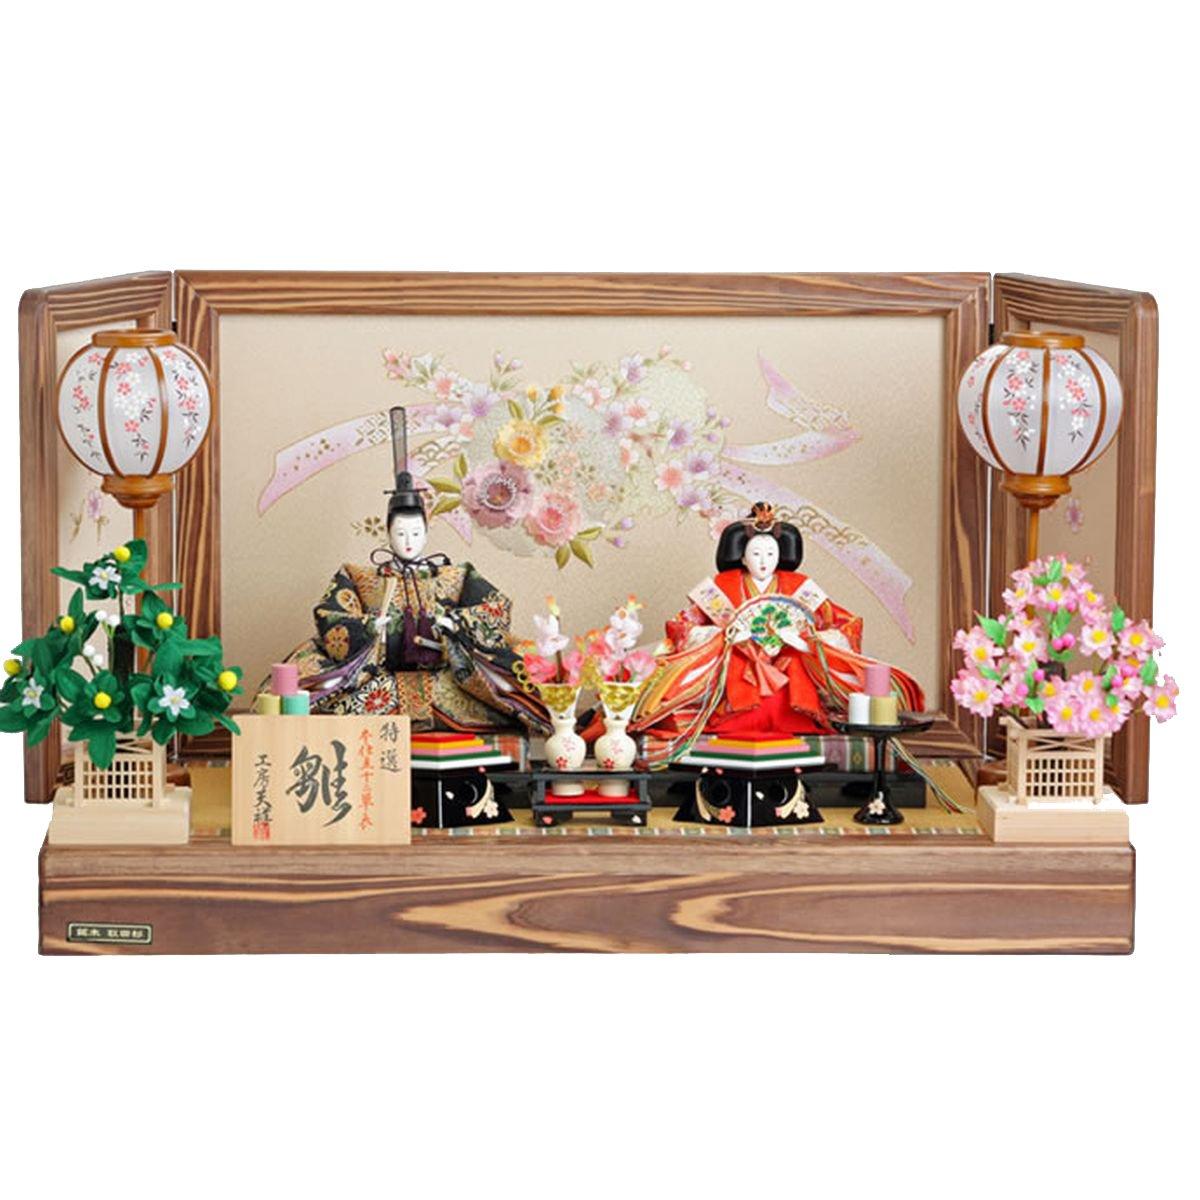 人形工房天祥 雛人形 親王飾り 細部にこだわる、杉の木使用の台屏風 間口80cm×奥行45cm×高さ47cm nas2117   B00ARBLVGO